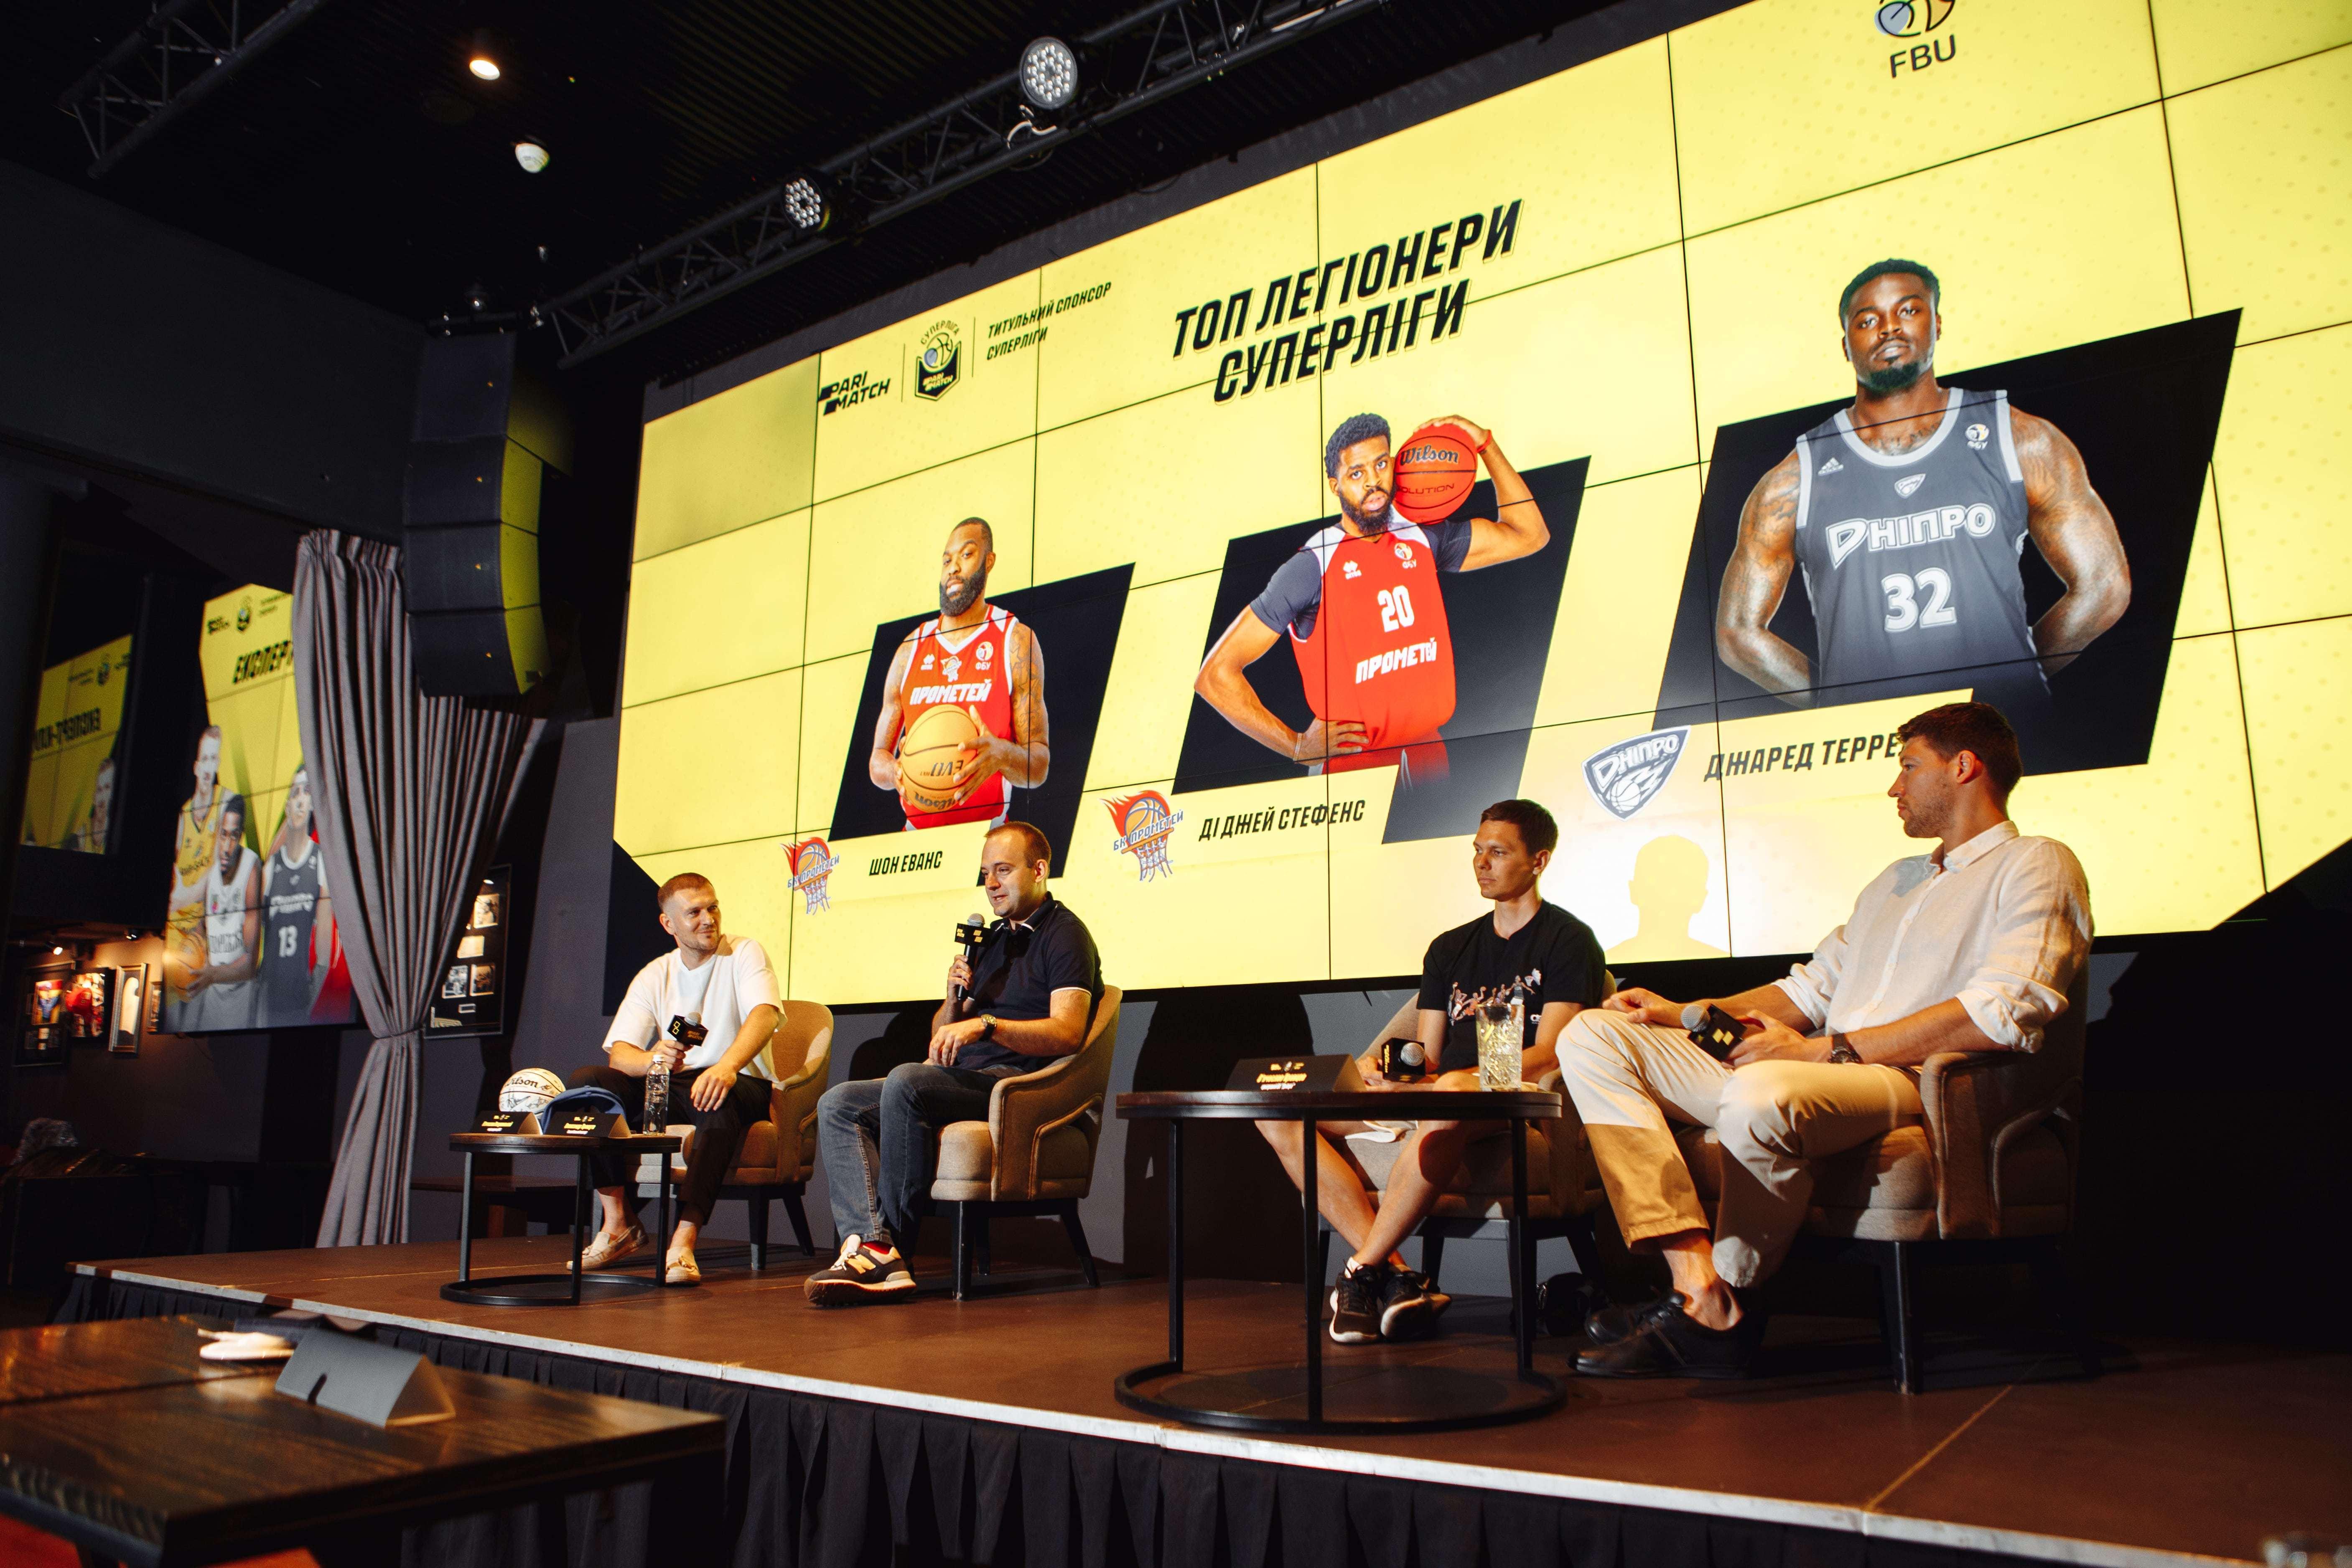 Підсумки сезону Суперліги та збірні 3х3: український баскетбол — головна тема експерт-клубу у PM Hall